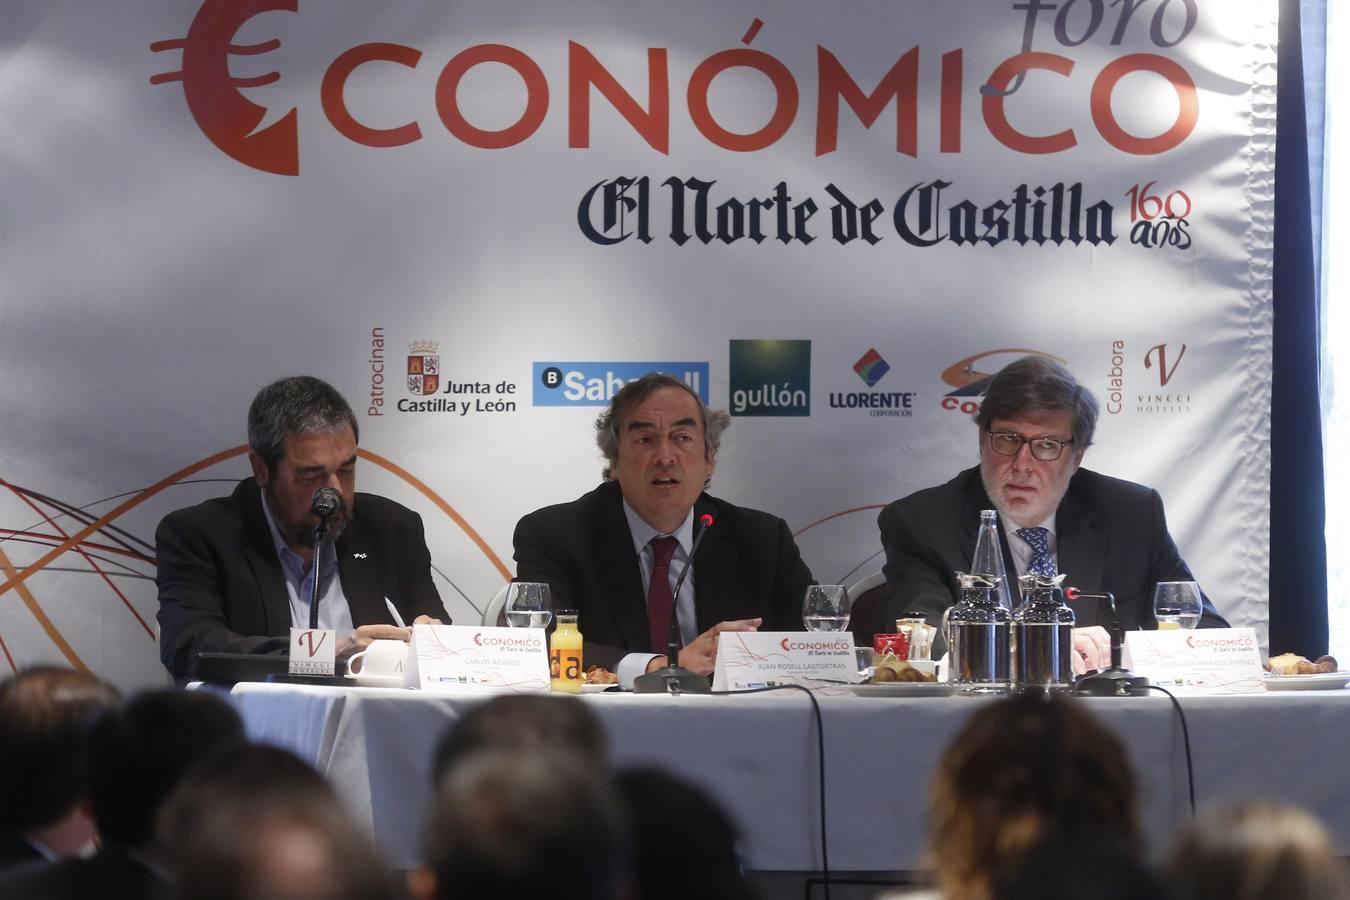 El presidente de la patronal CEOE, Juan Rosell en el Foro Económico de El Norte de Castilla